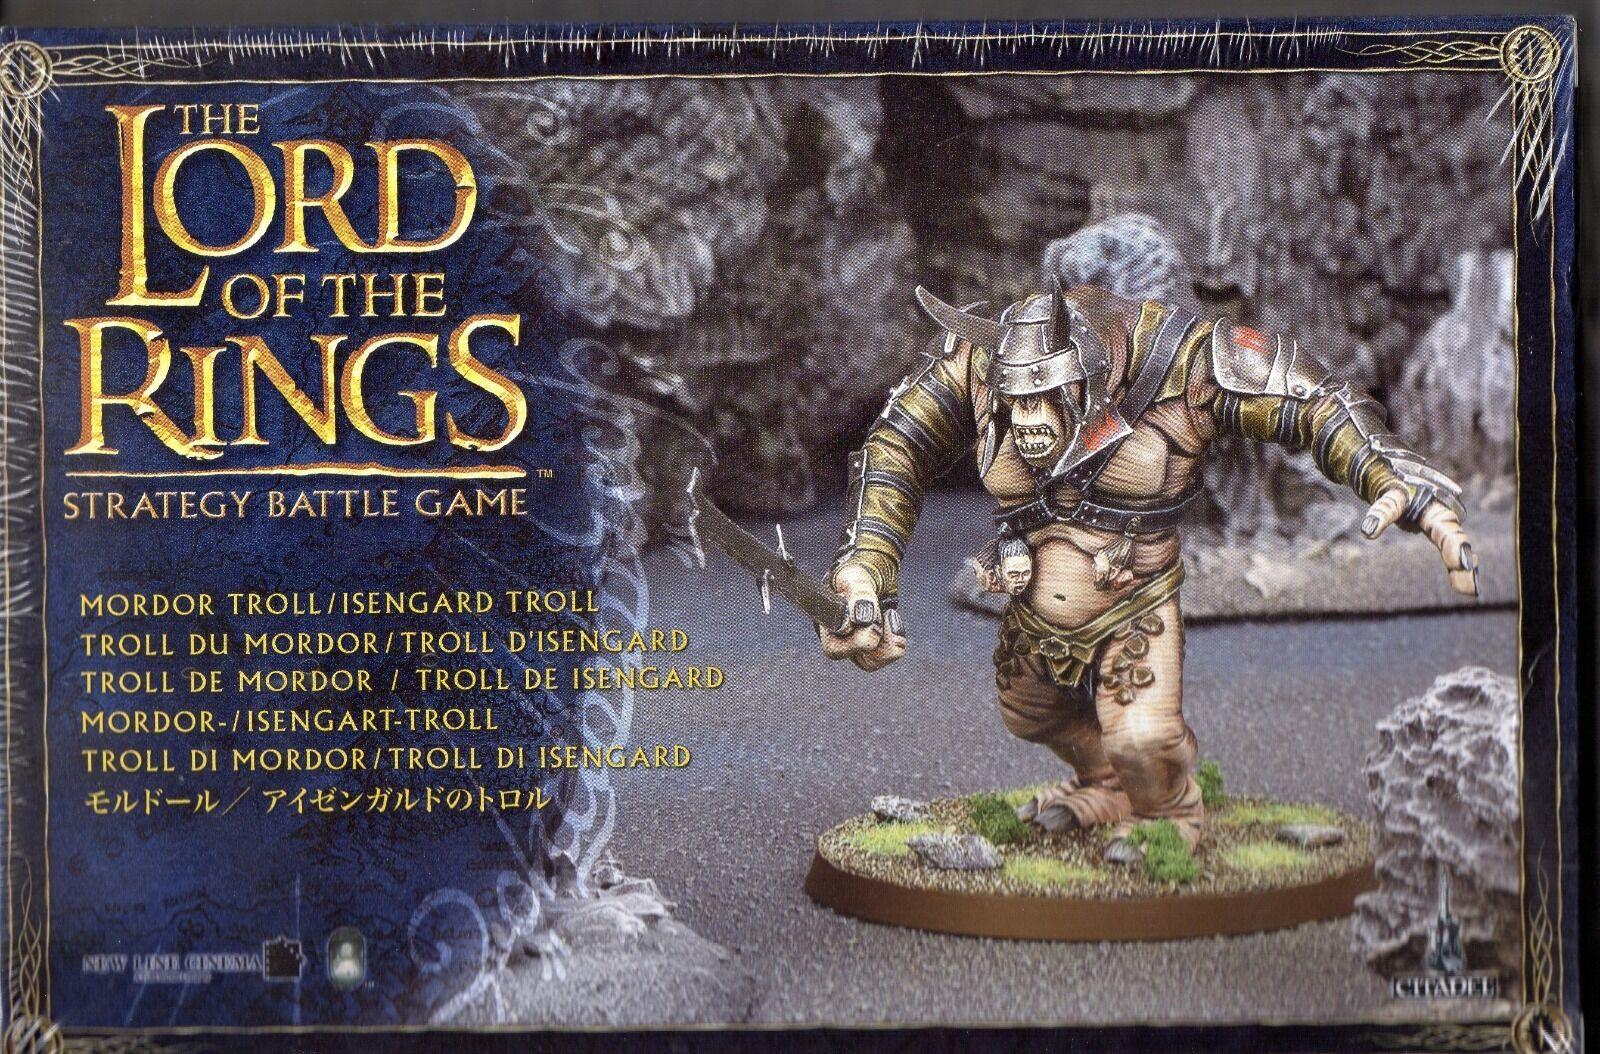 The Lord of the Rings – Il Signore degli  anelli Mordor Troll Insengard Troll  tutti i prodotti ottengono fino al 34% di sconto